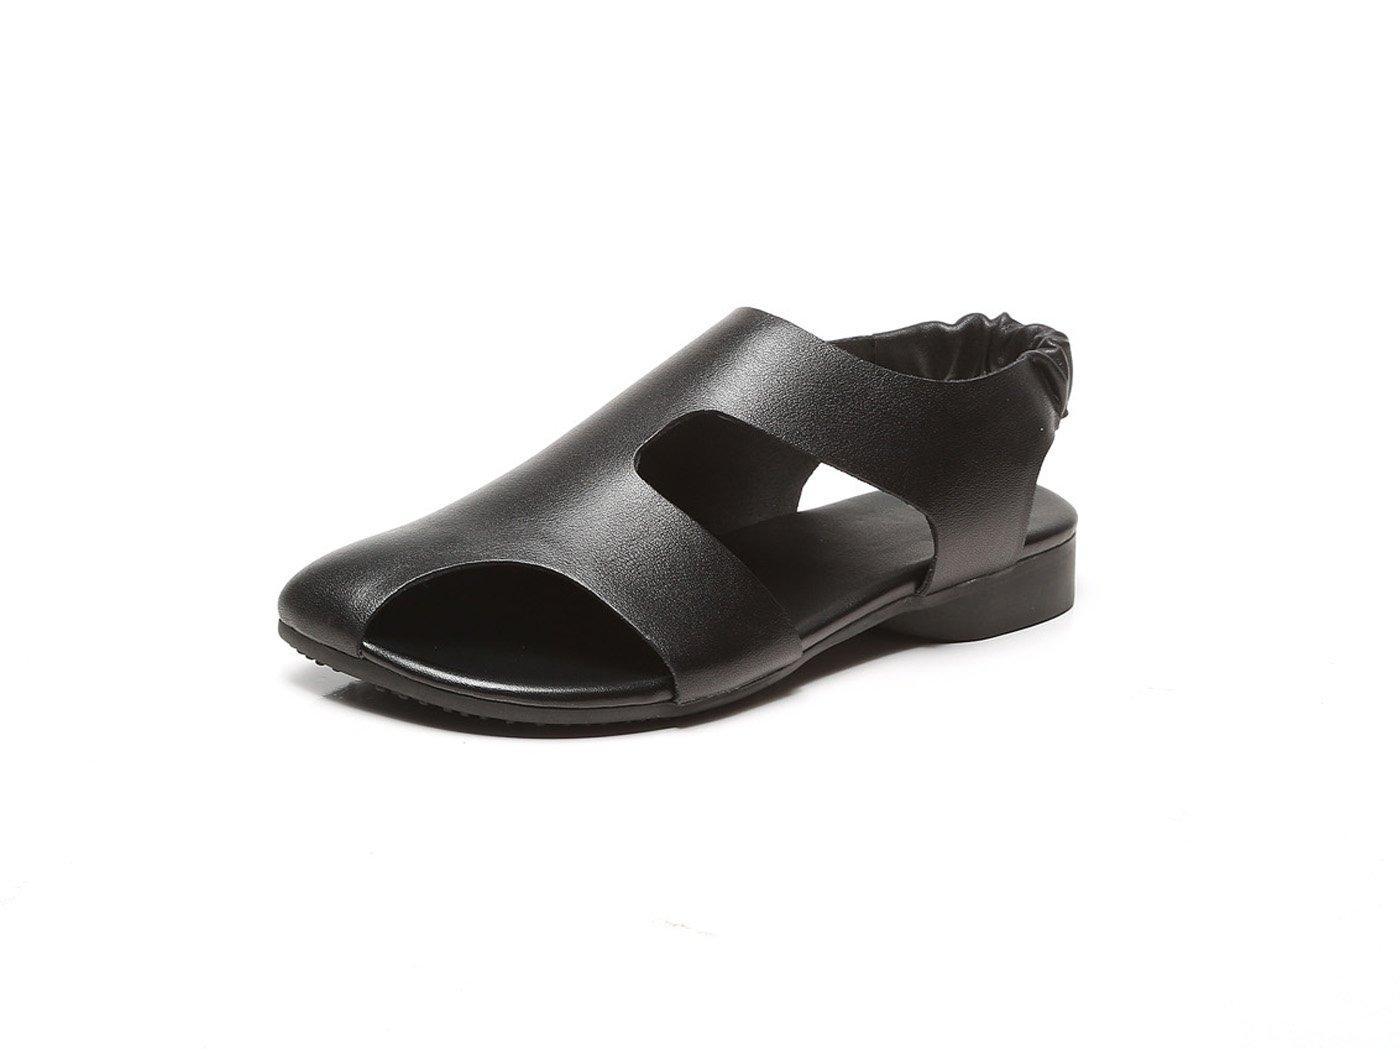 DANDANJIE damen Sandalen Sommer Retro Schuhe Flachen Absätzen weichen Sohlen römischen Sandalen für Outdoor Casual Größe 35-40 (schwarz braun) (Farbe   Schwarz Größe   38)